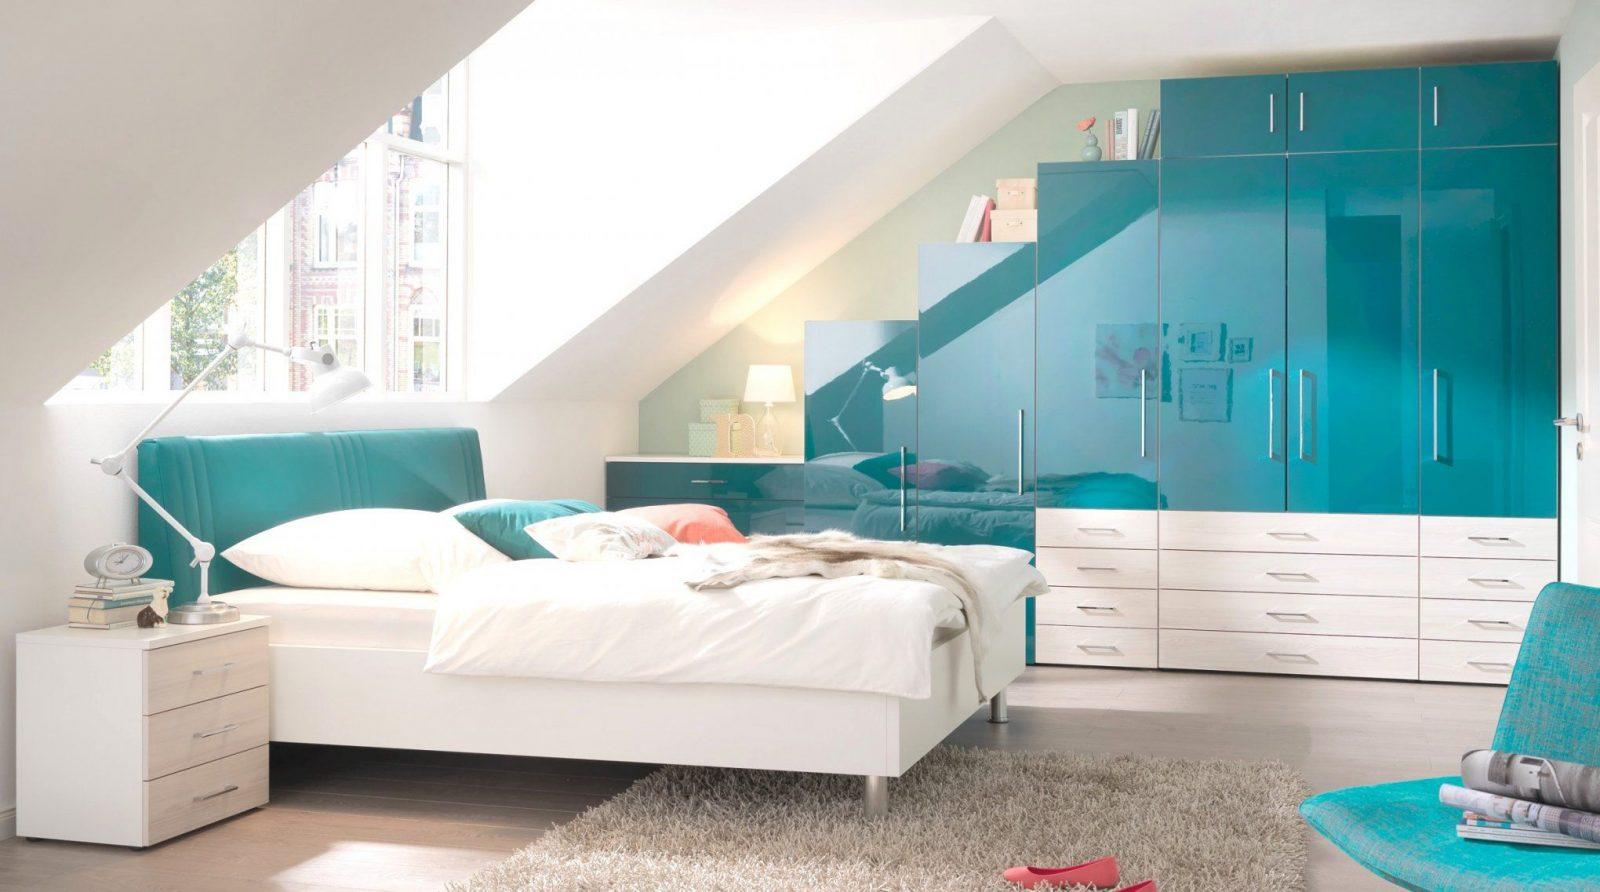 ... Nett Schlafzimmer Mit Dachschrägen Gestalten Kpelavrio Von Schlafzimmer  Gestalten Mit Dachschräge Photo ...